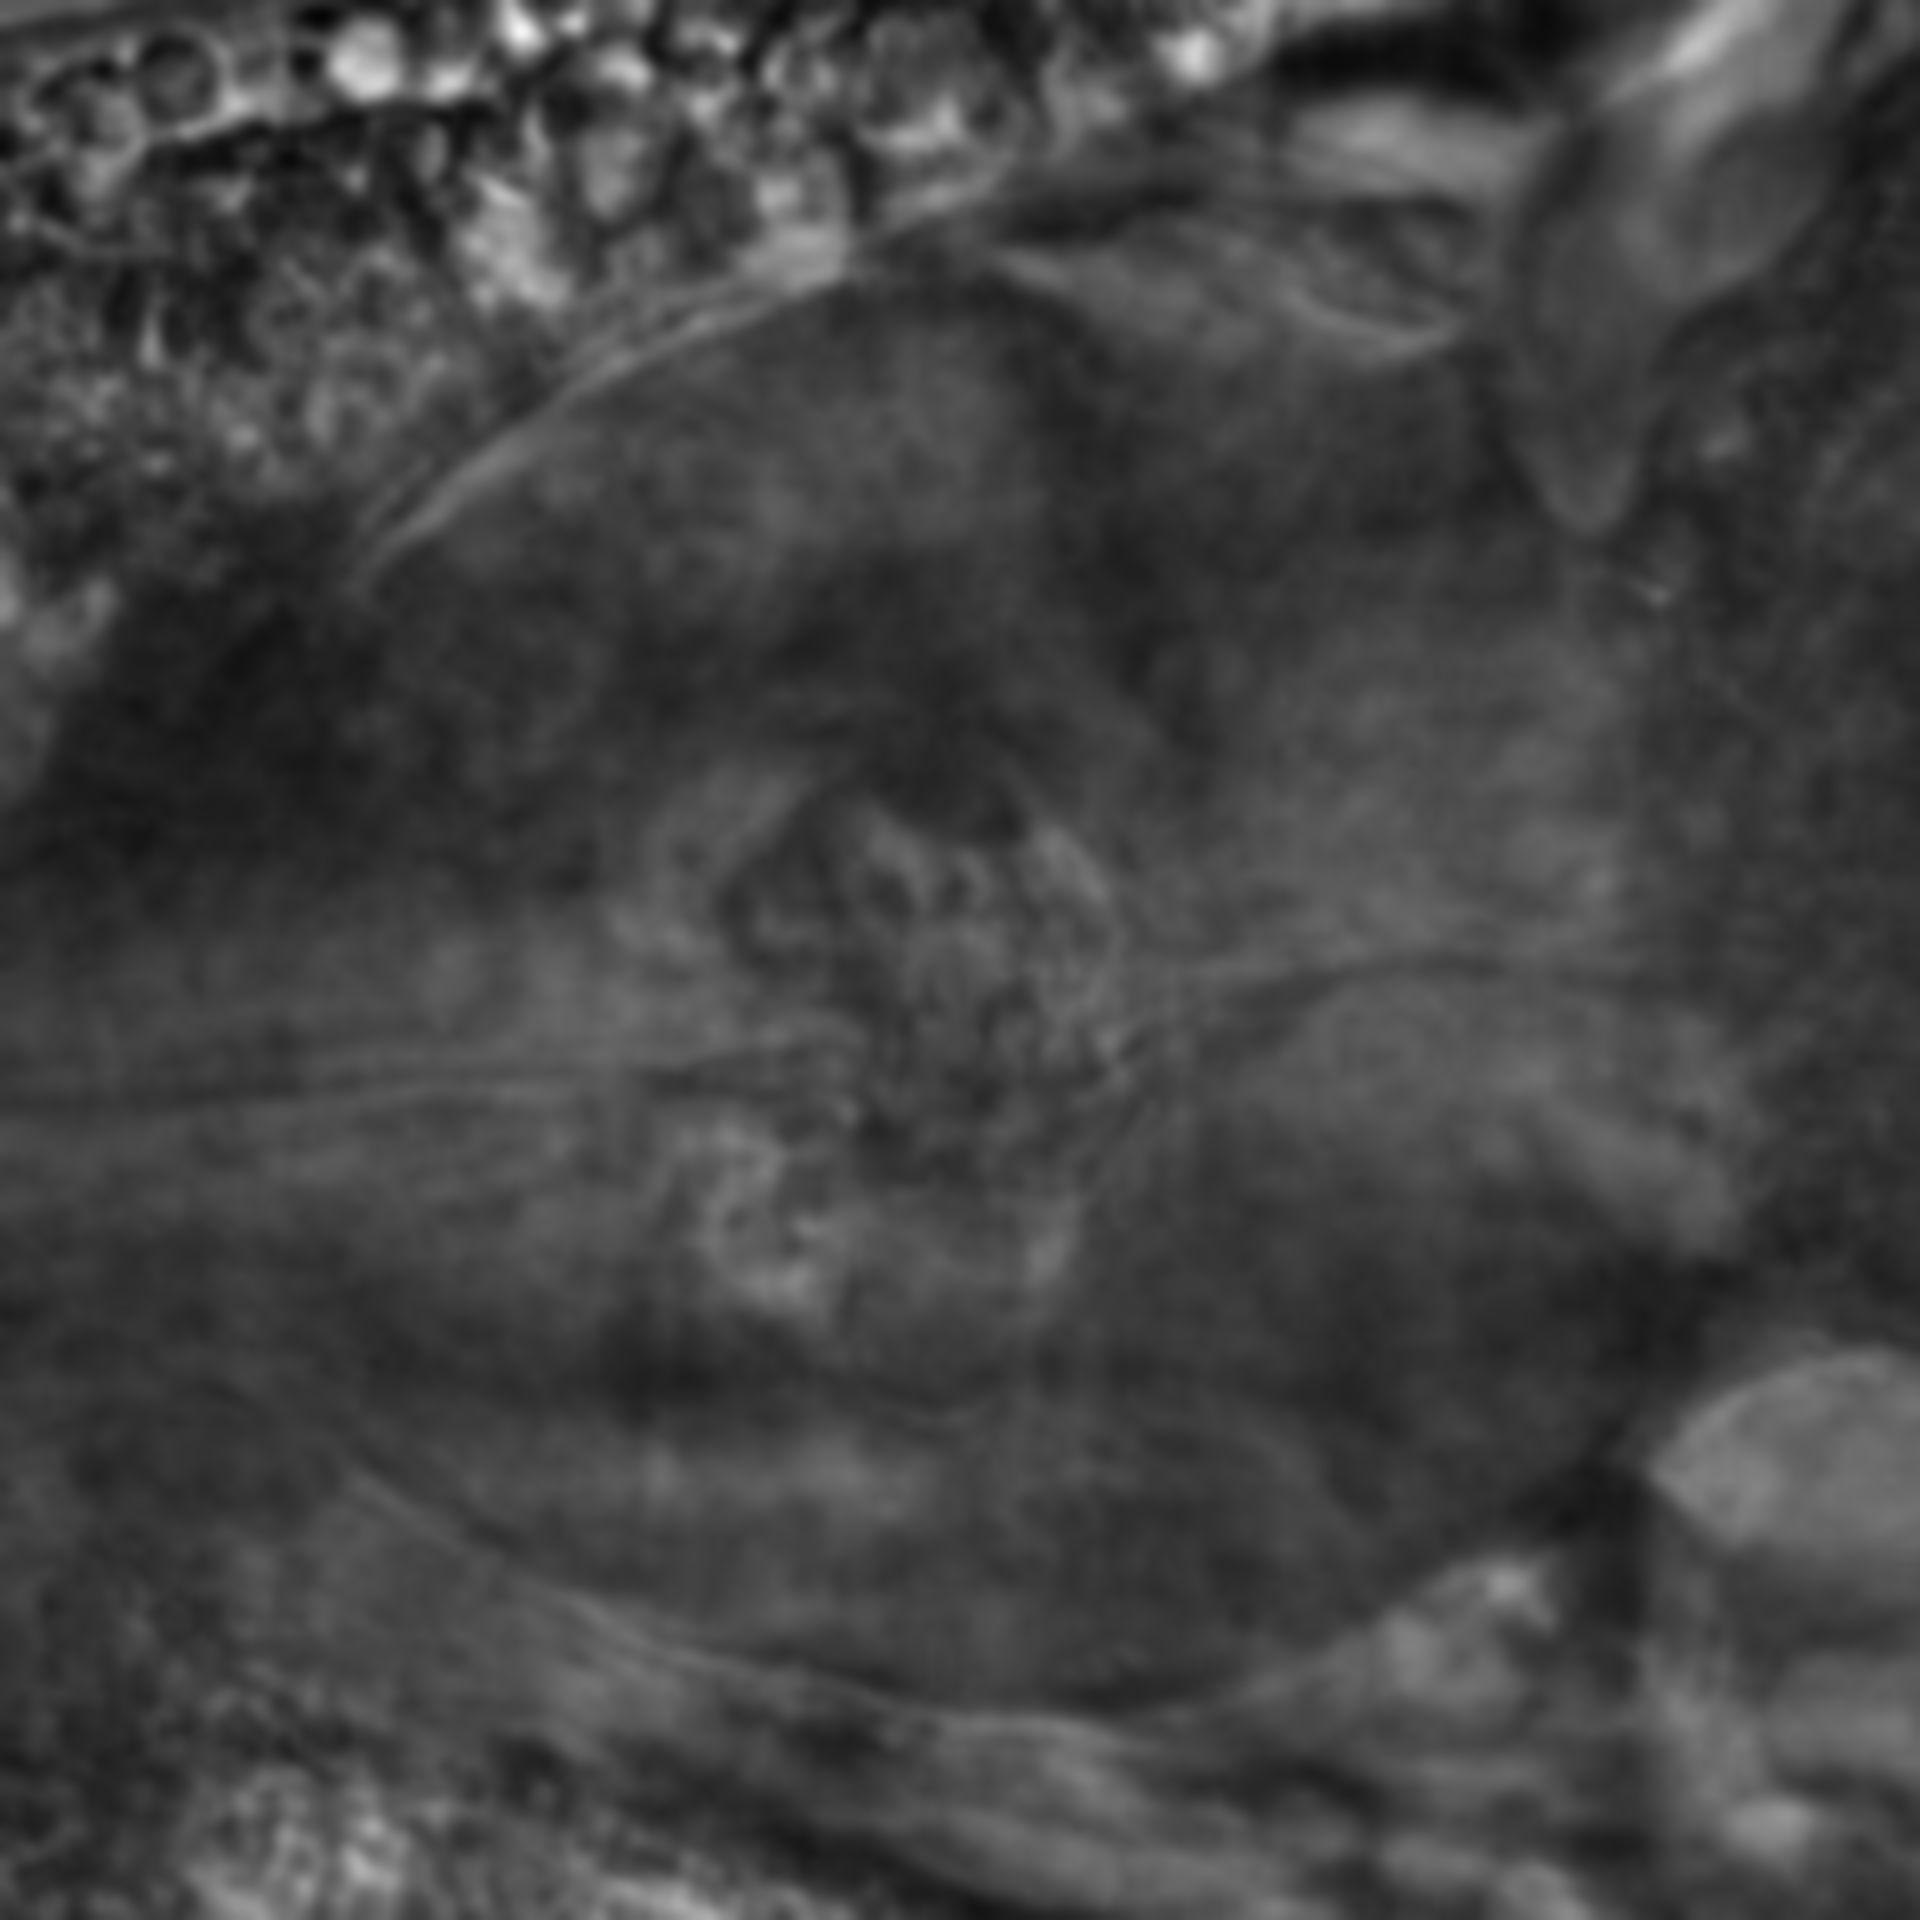 Caenorhabditis elegans - CIL:2266